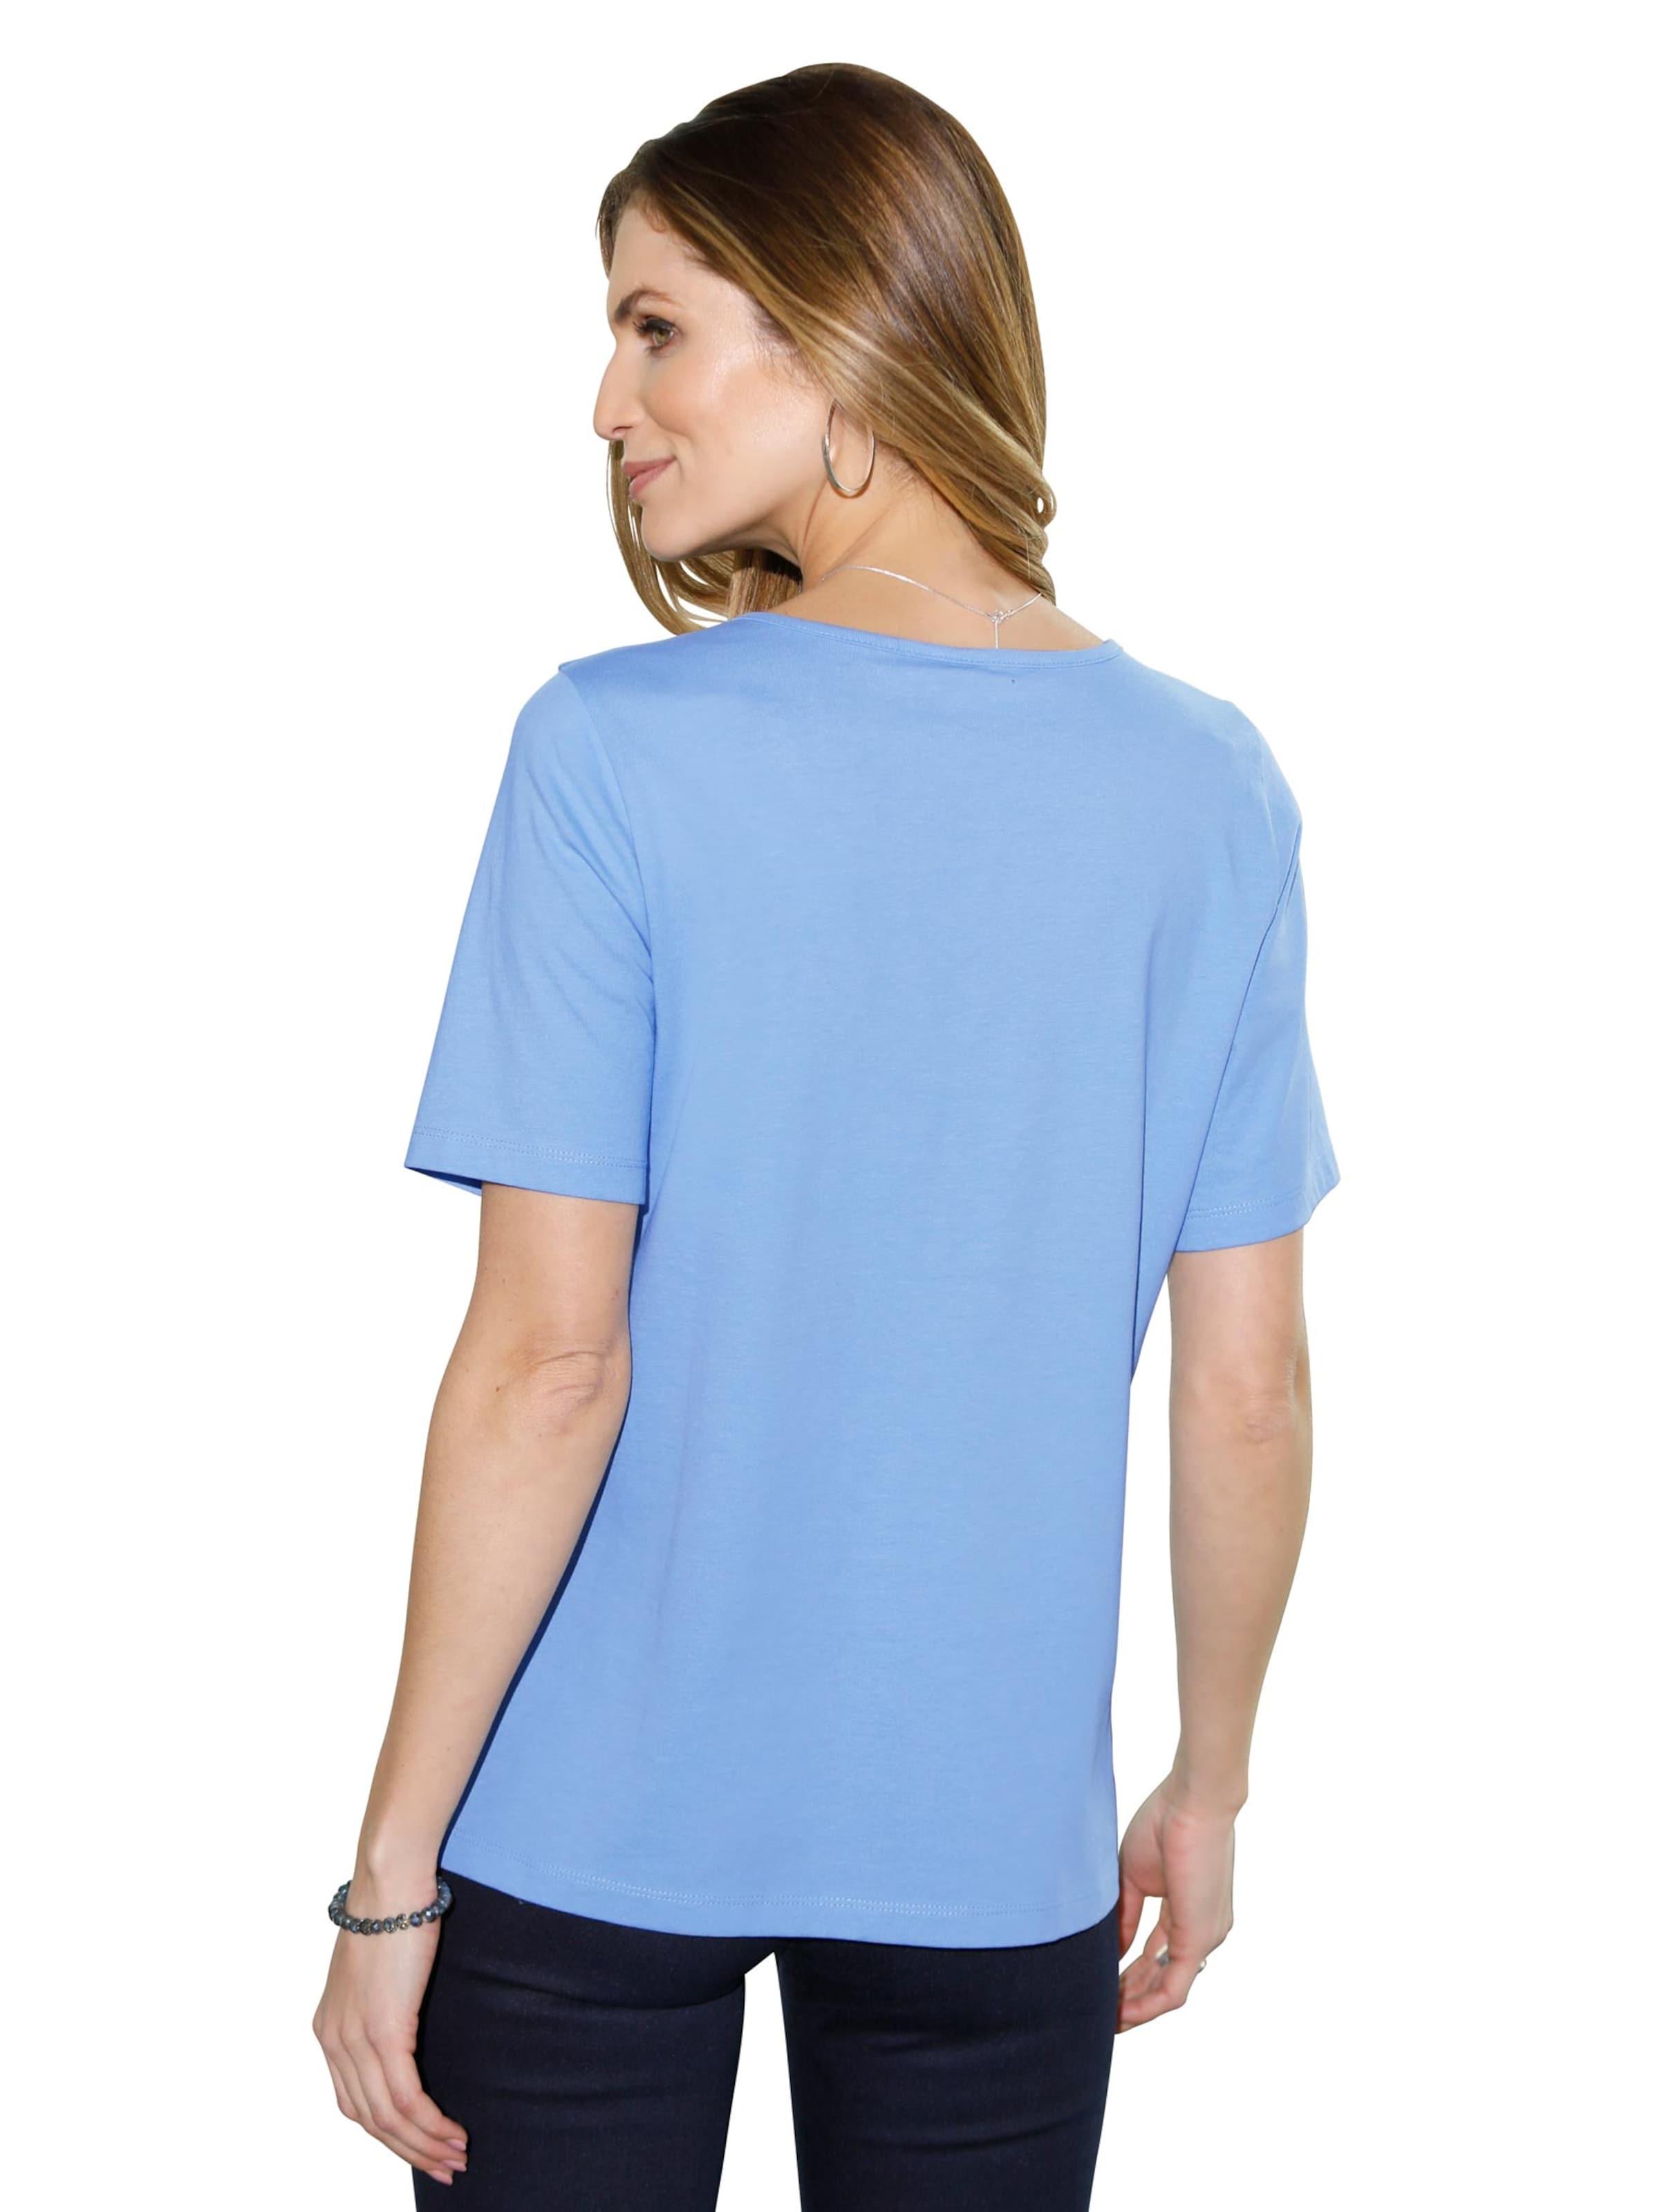 Damen Shirt himmelblau